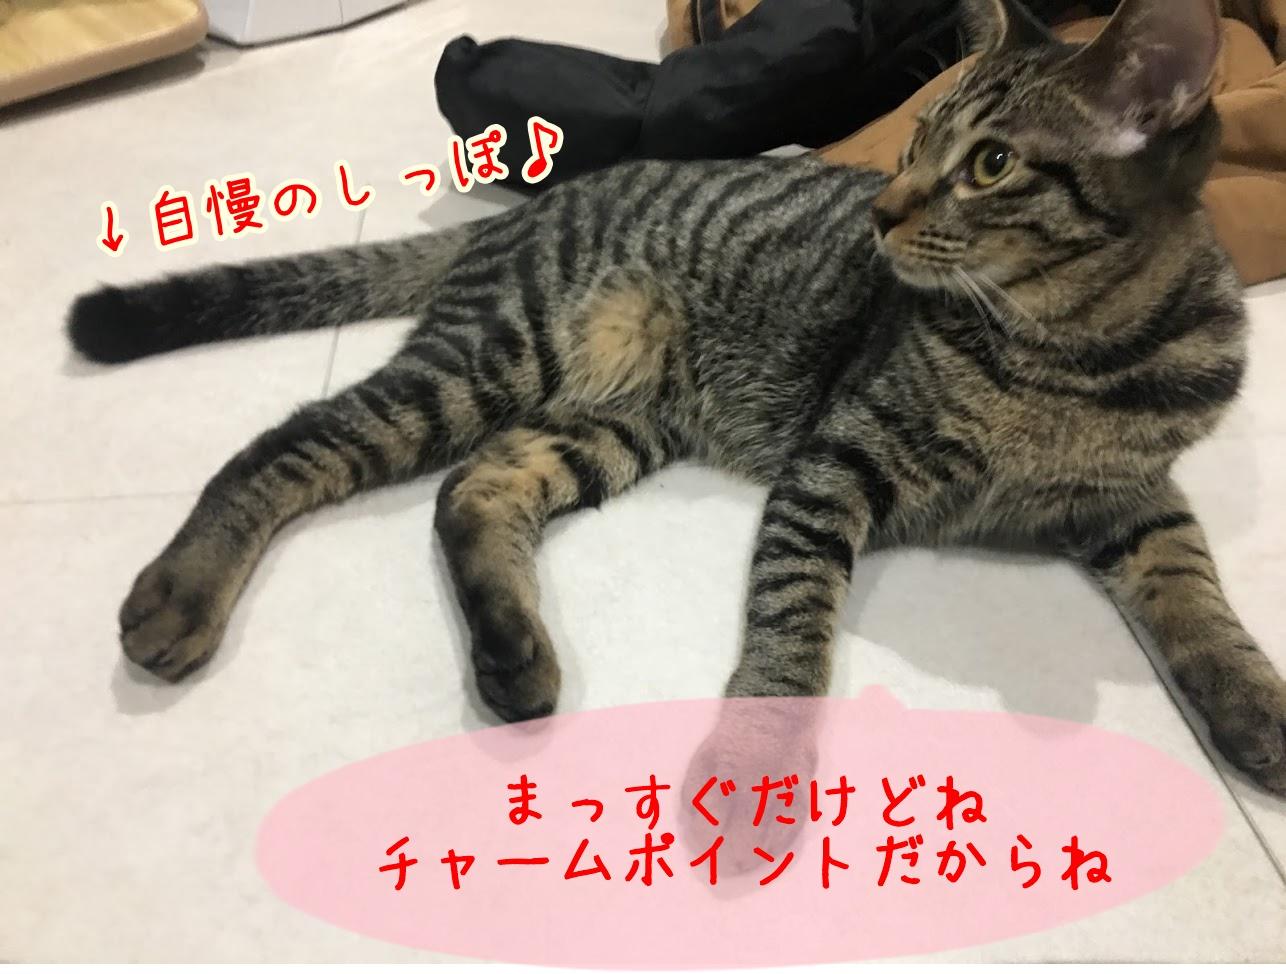 幸運を招く尾曲がり猫?長崎に多いと言われるかぎしっぽ猫について